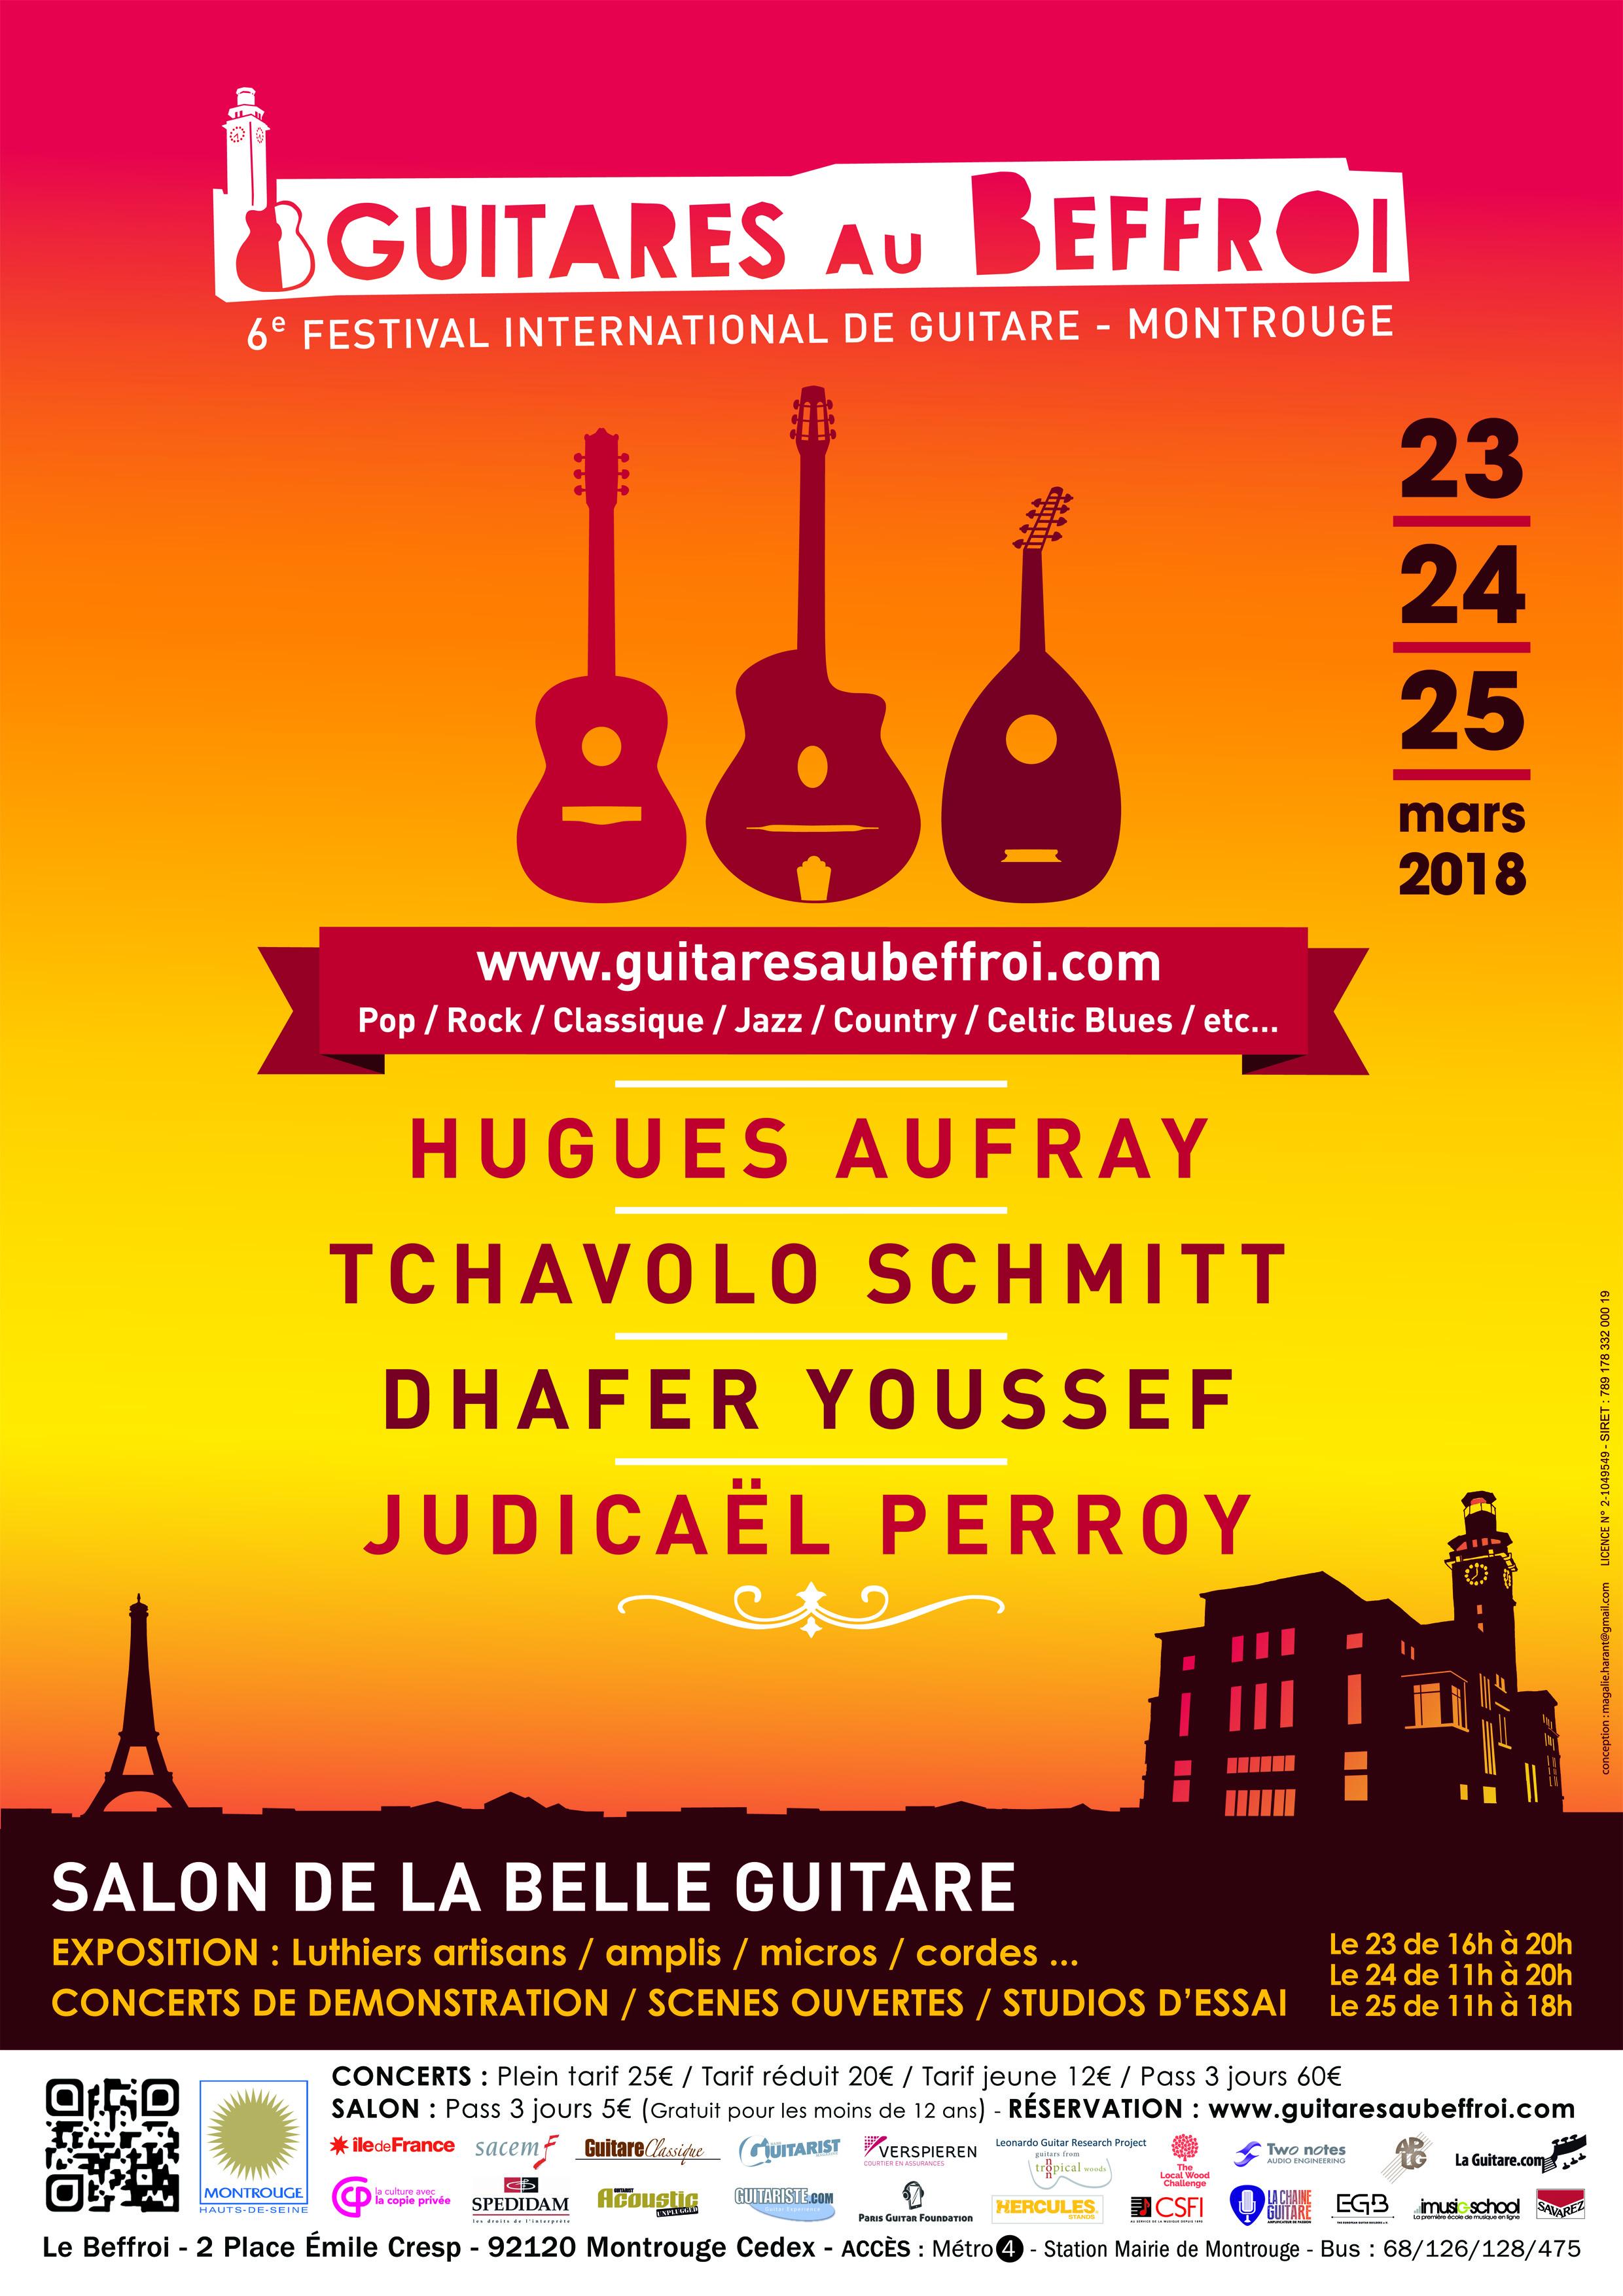 Guitares au Beffroi 2018 - affiche